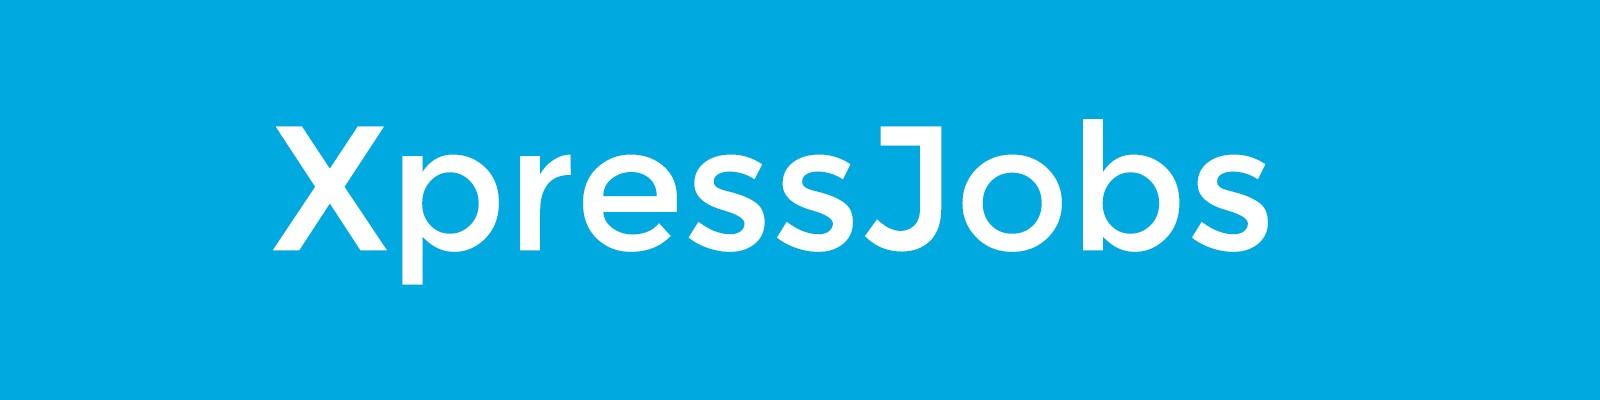 XpressJobs   LinkedIn